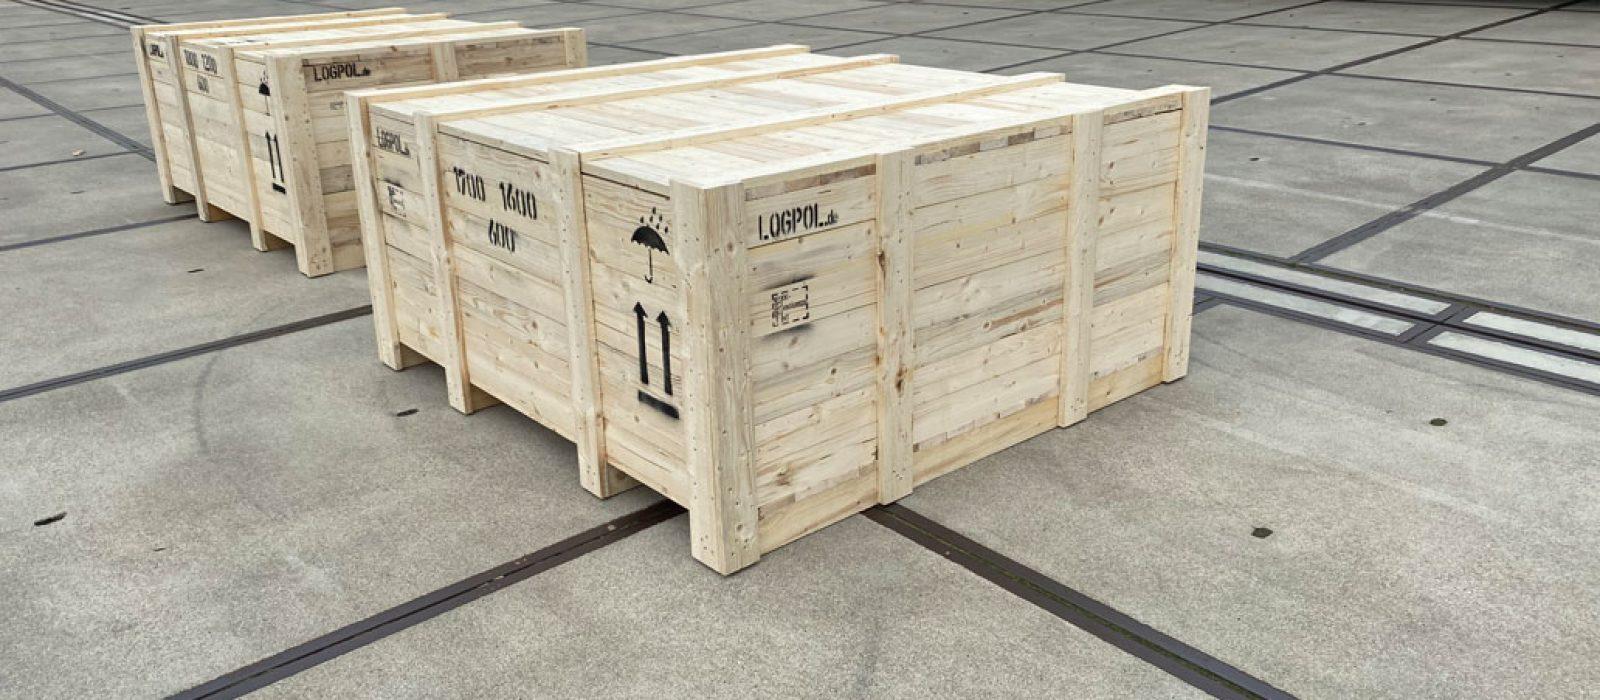 Kiste-1800×1200-mm-LOGPOL